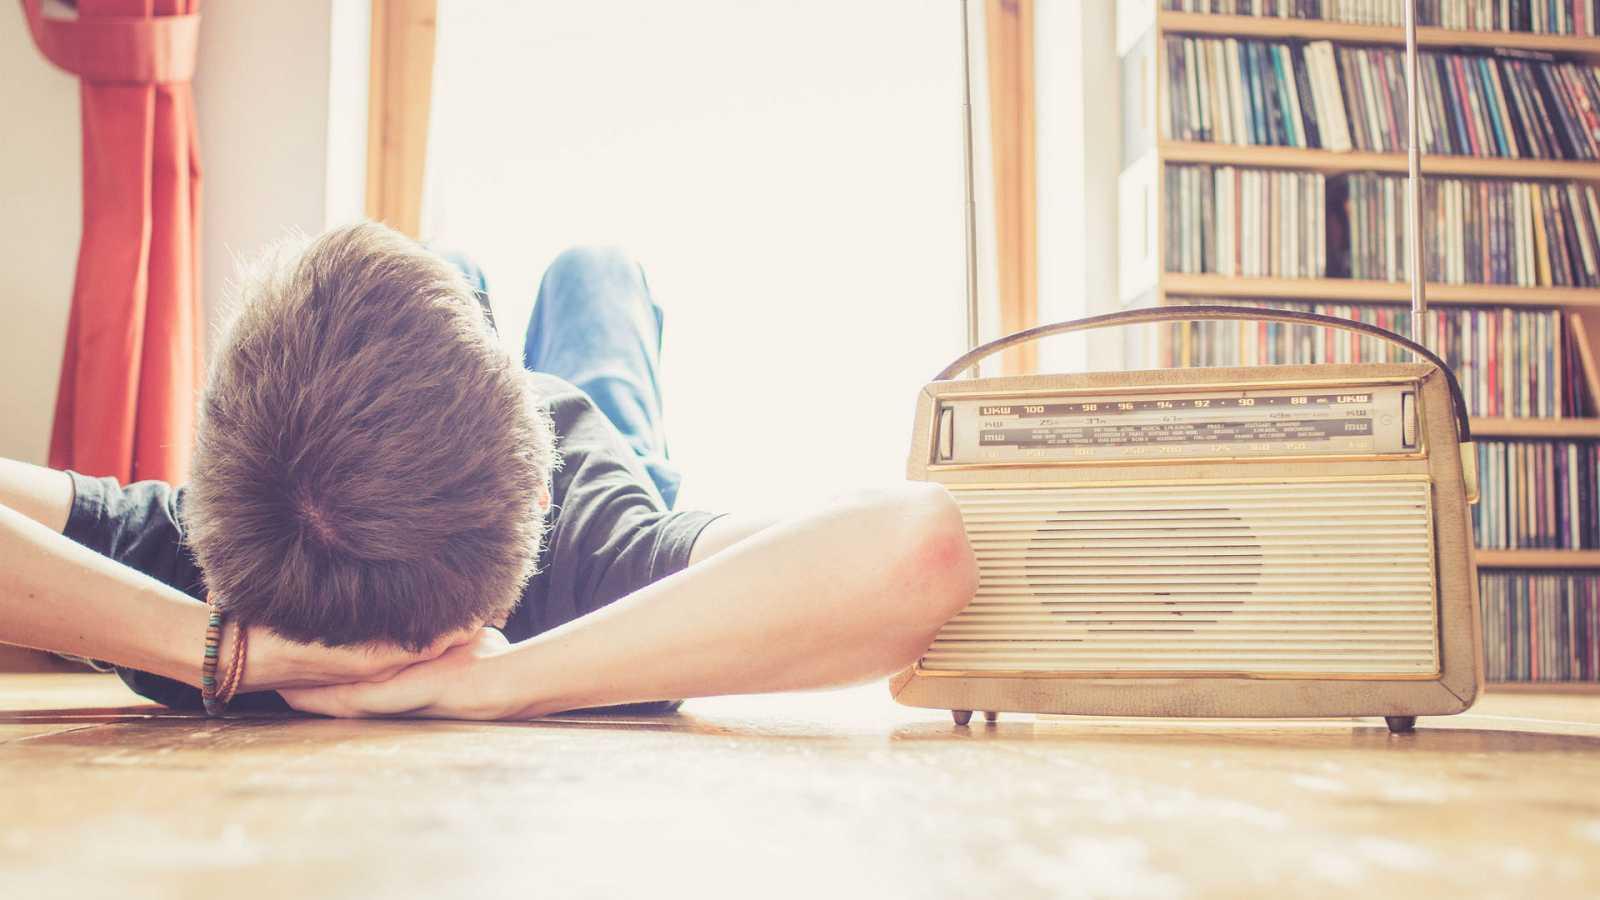 Solamente una vez - Chojin, radio vista por el oyente y naturalista - 26/08/20 - escuchar ahora